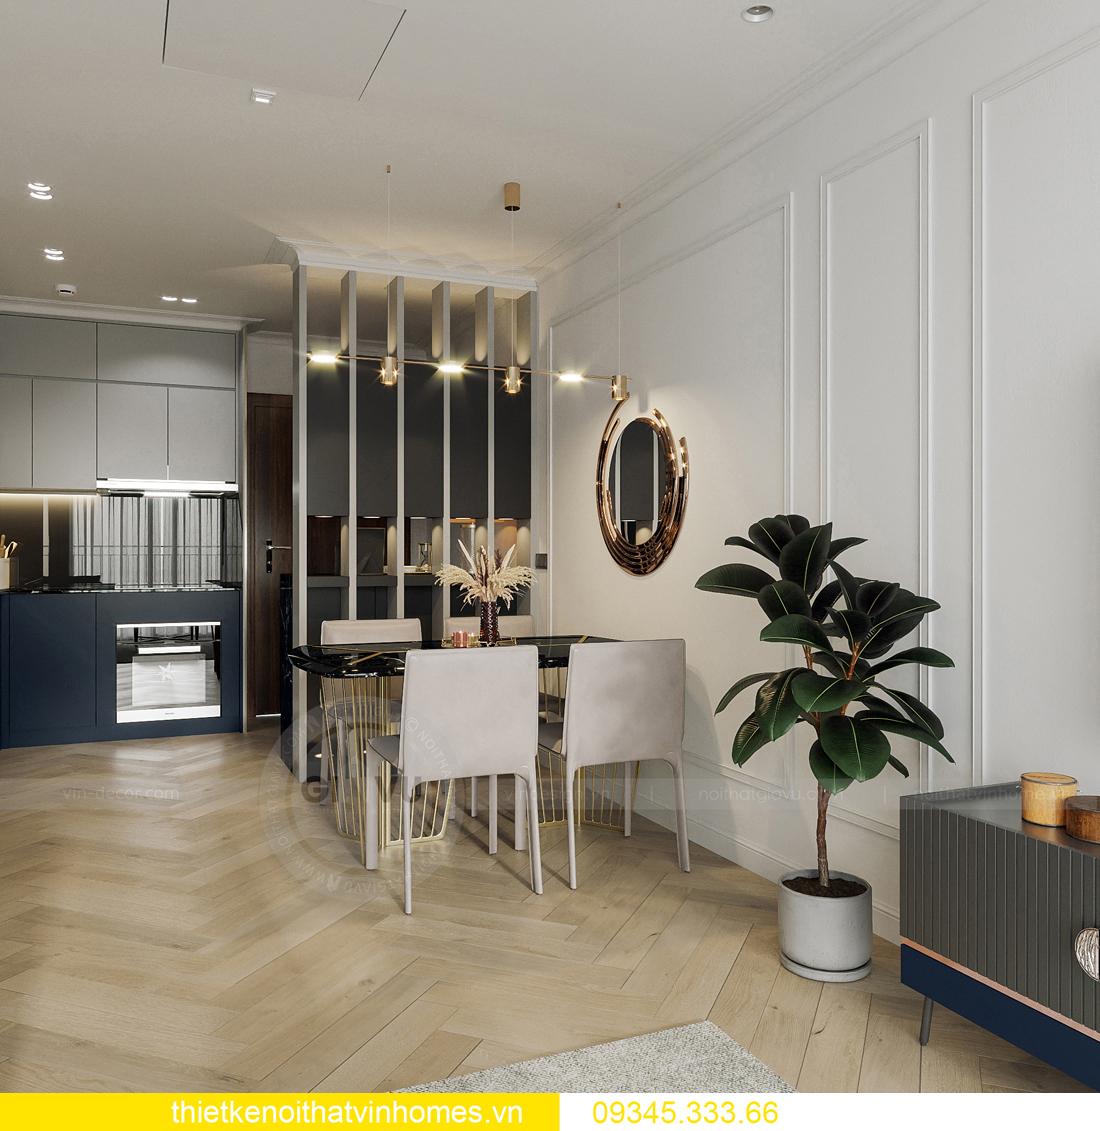 mẫu thiết kế nội thất chung cư Smart City tòa S201 căn 17 4